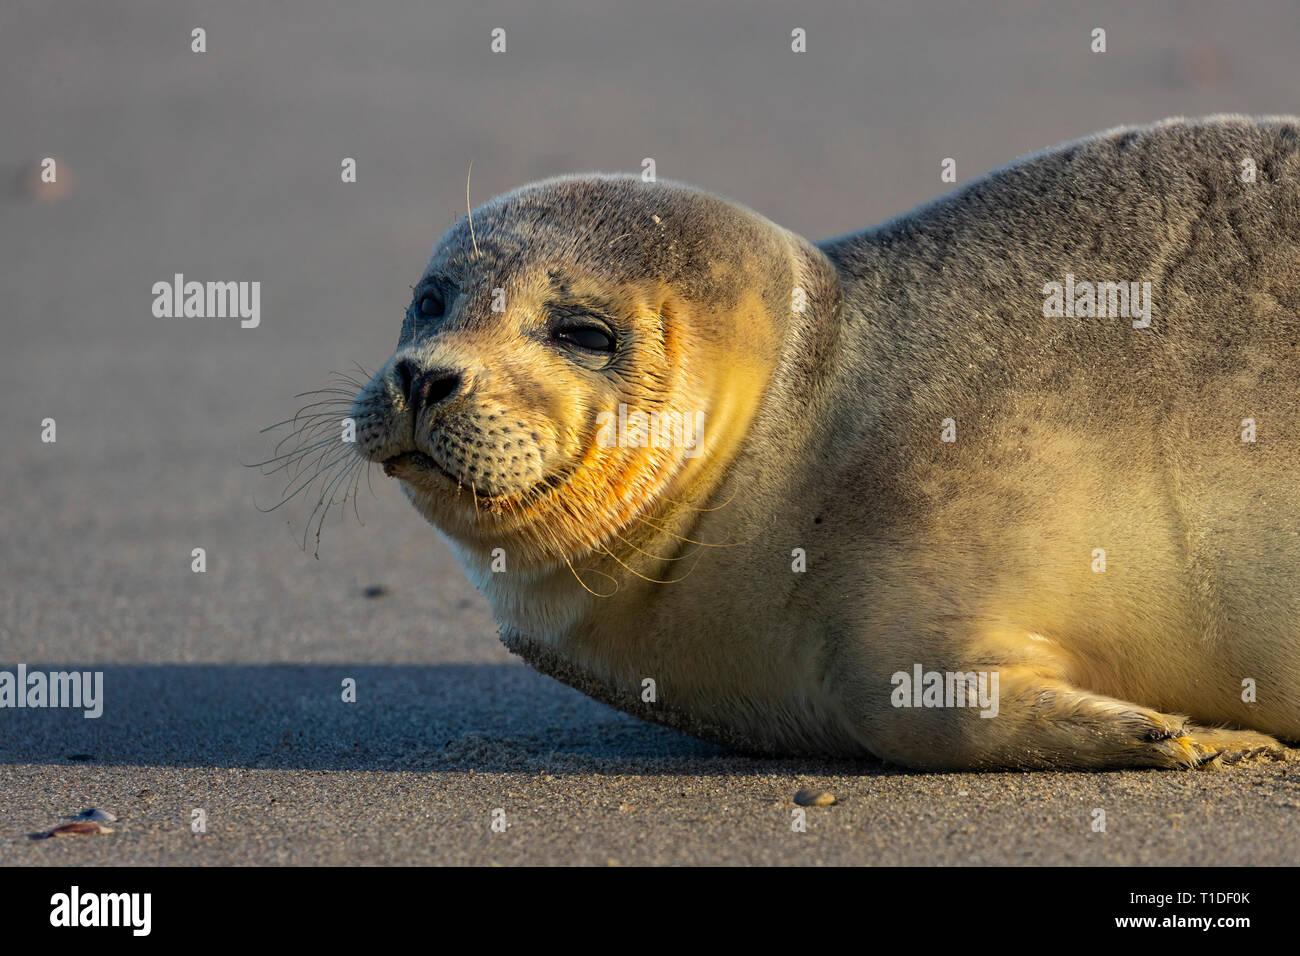 Nordseeinsel Langeoog,  Ostfriesland, Niedersachsen, junger Seehund, am Strand, Stock Photo